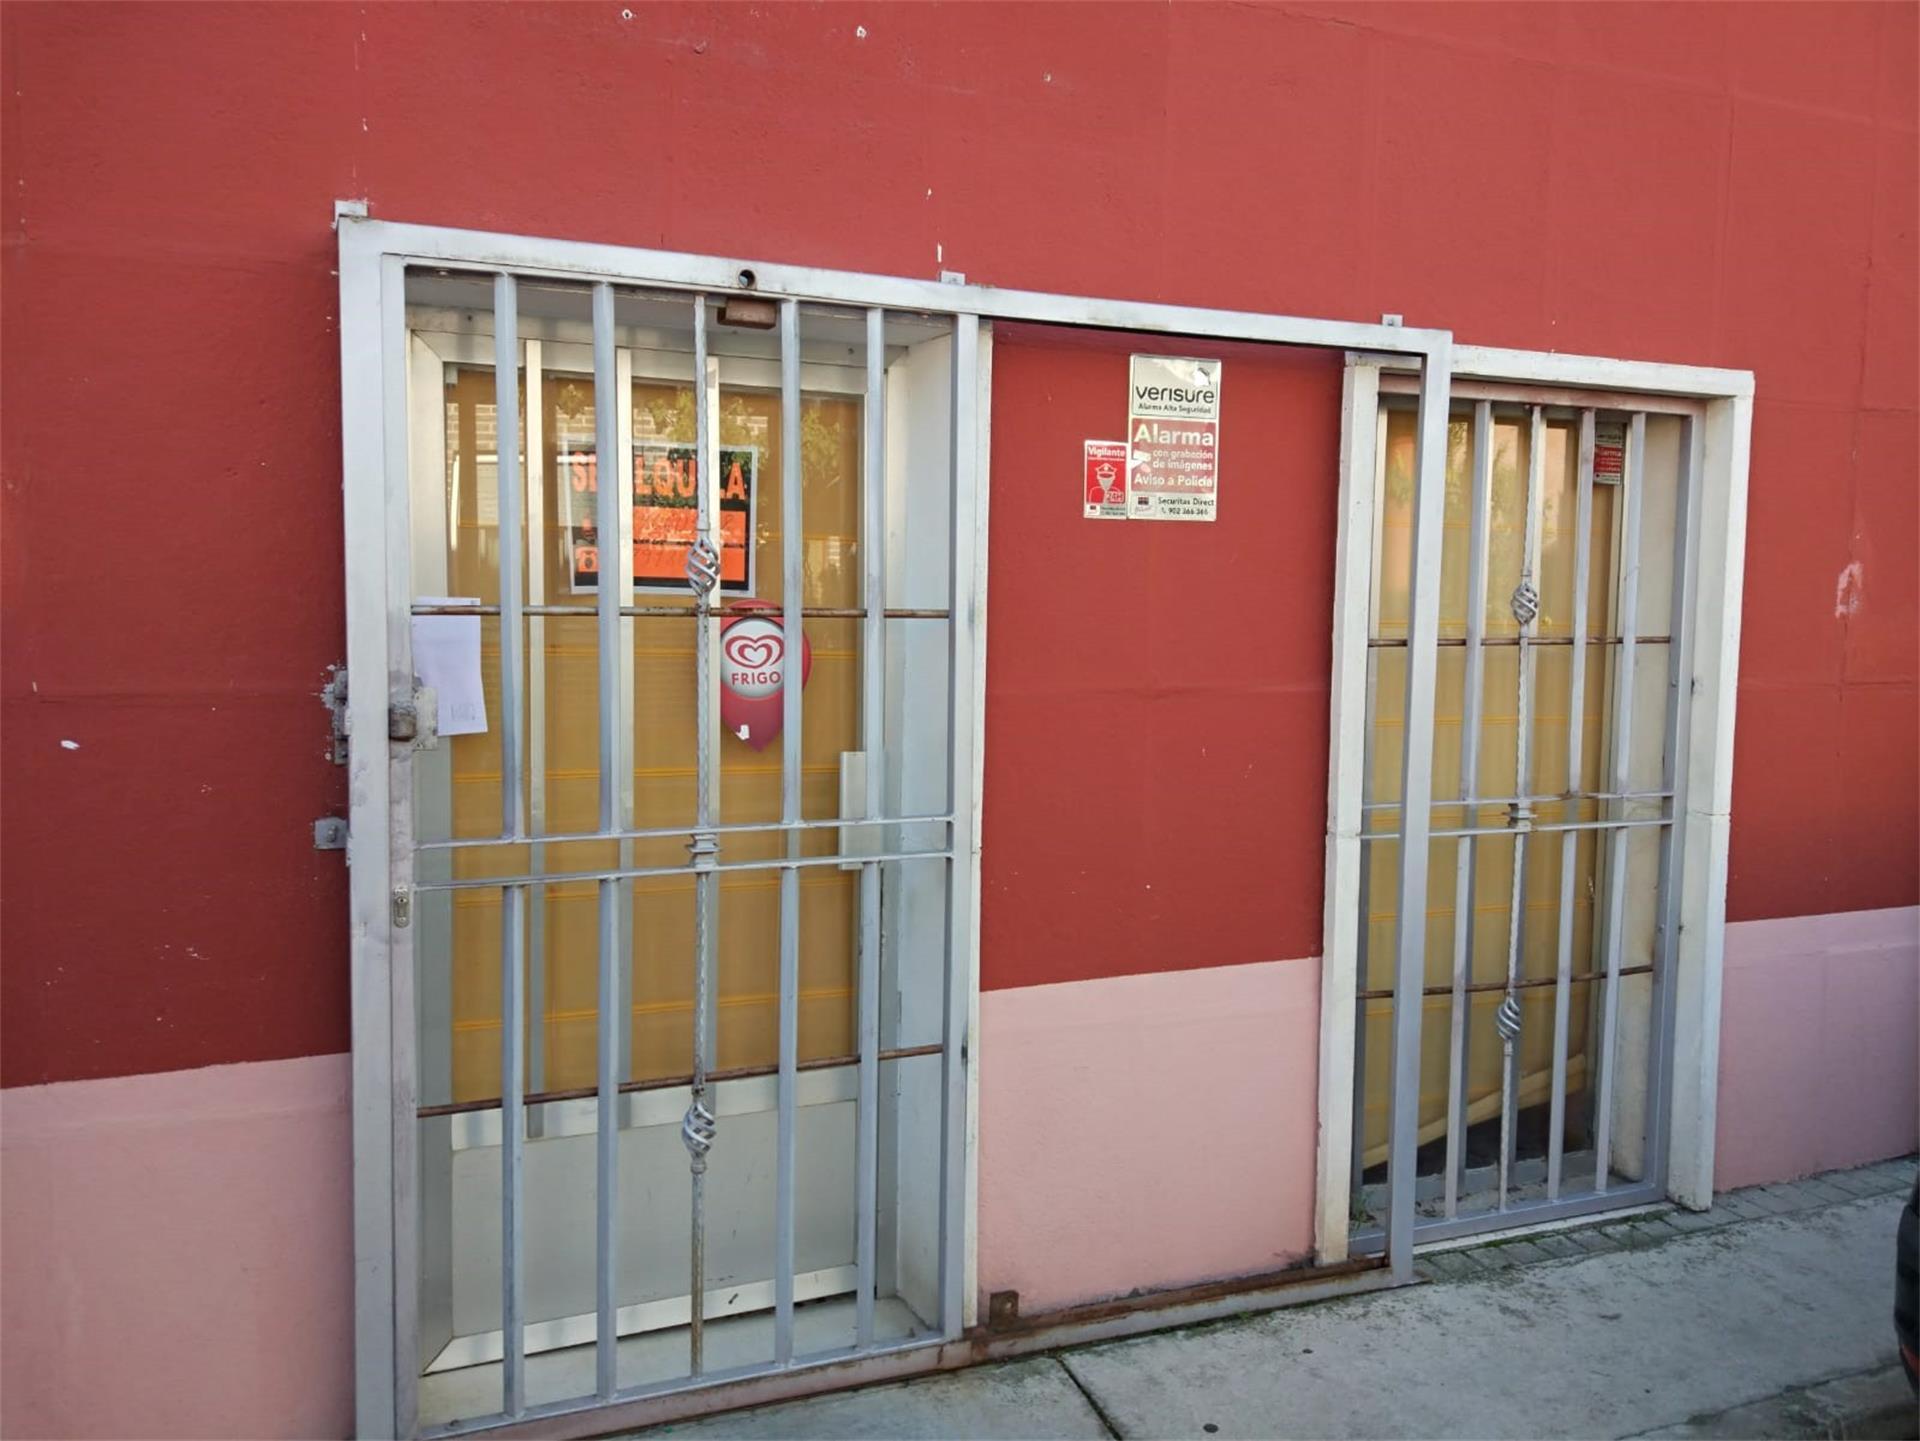 Local de alquiler en Calle Boecillo, 3 Tudela de Duero (Tudela de Duero, Valladolid)